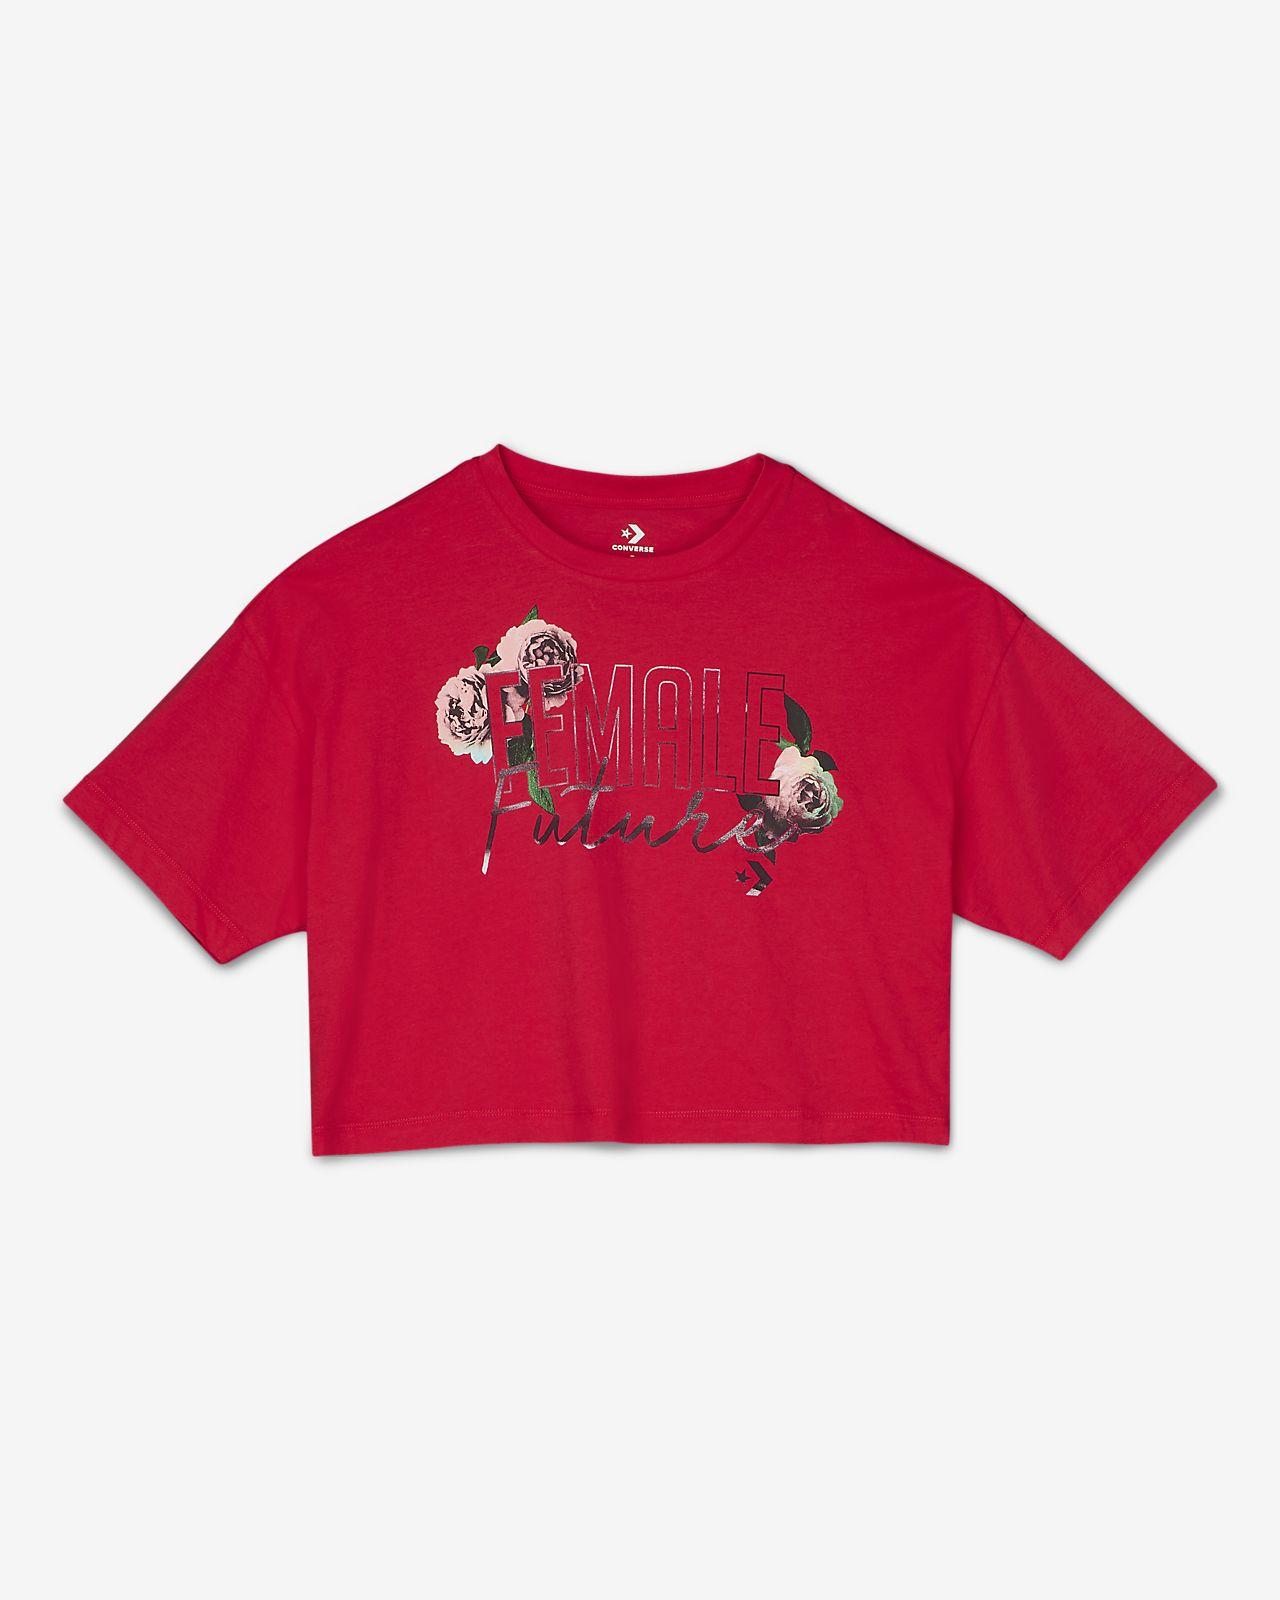 Converse Female Future  Women's Cropped Boxy T-Shirt